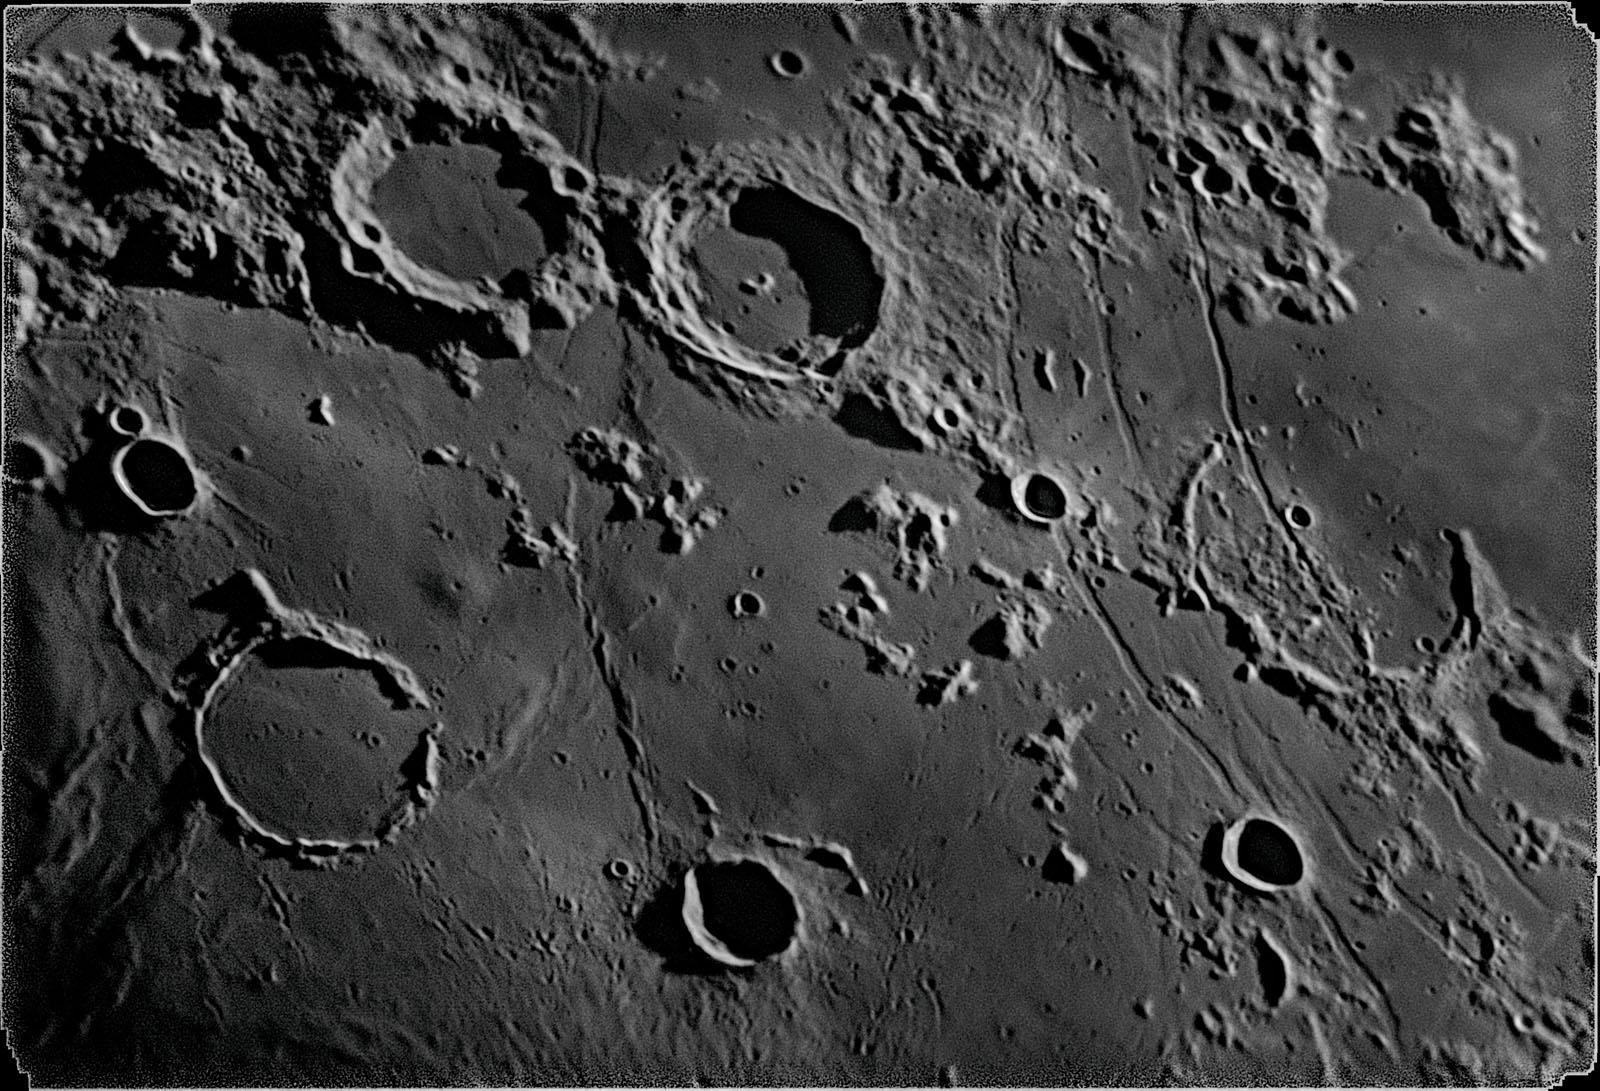 Moon_202609_r_2017_11_12_zwo_asi1_2